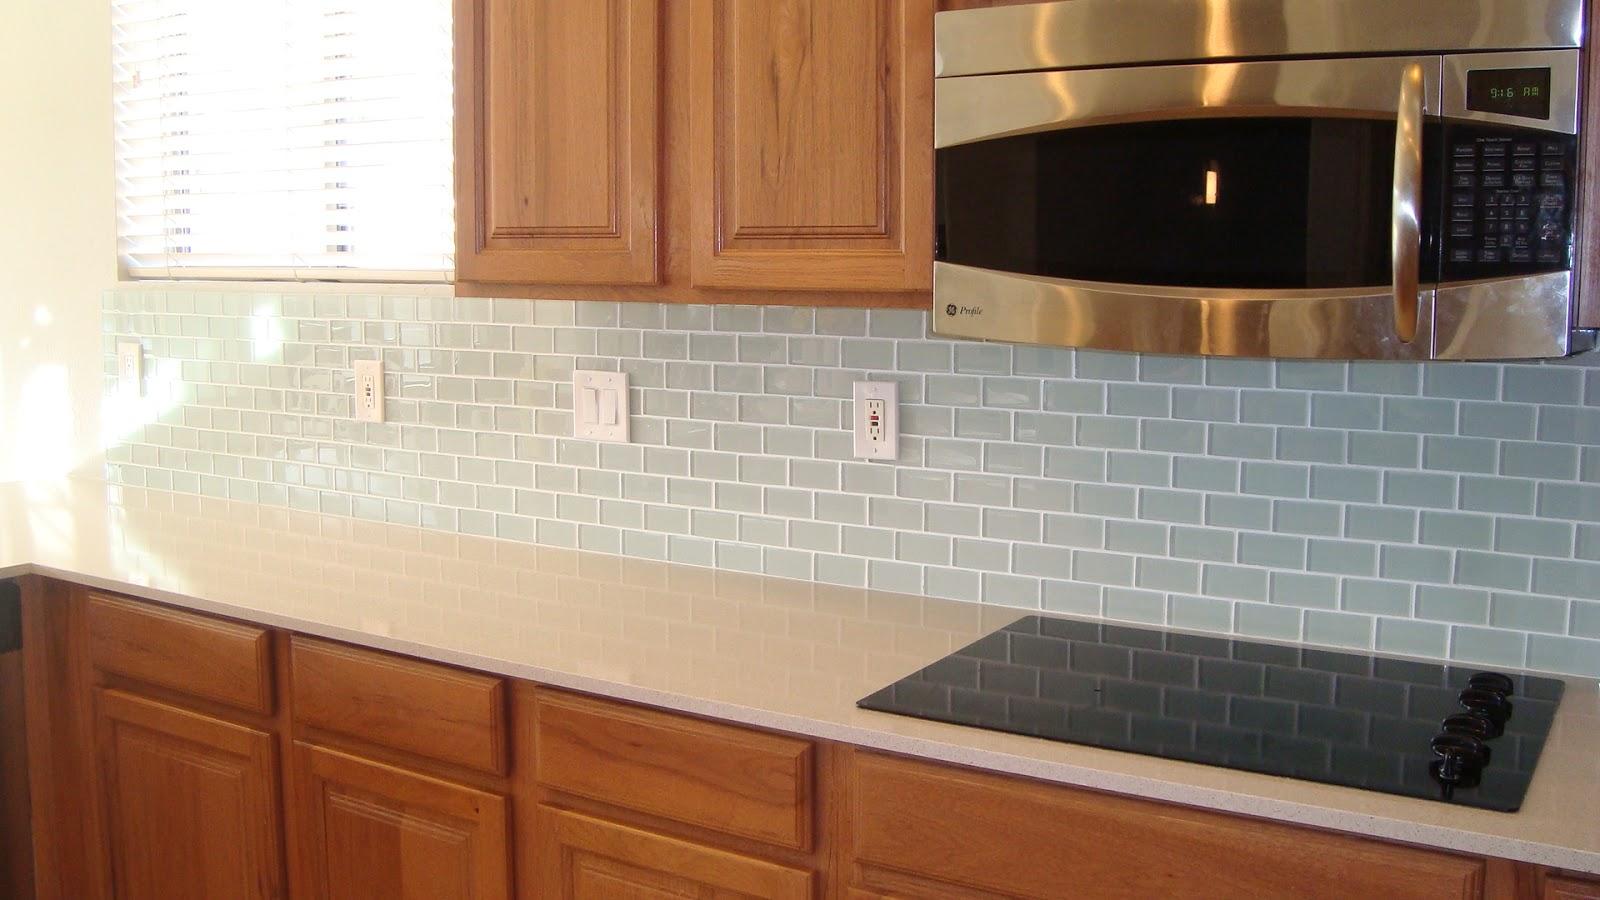 glass tile backsplash glass tile backsplash kitchen Glass Tile Backsplash